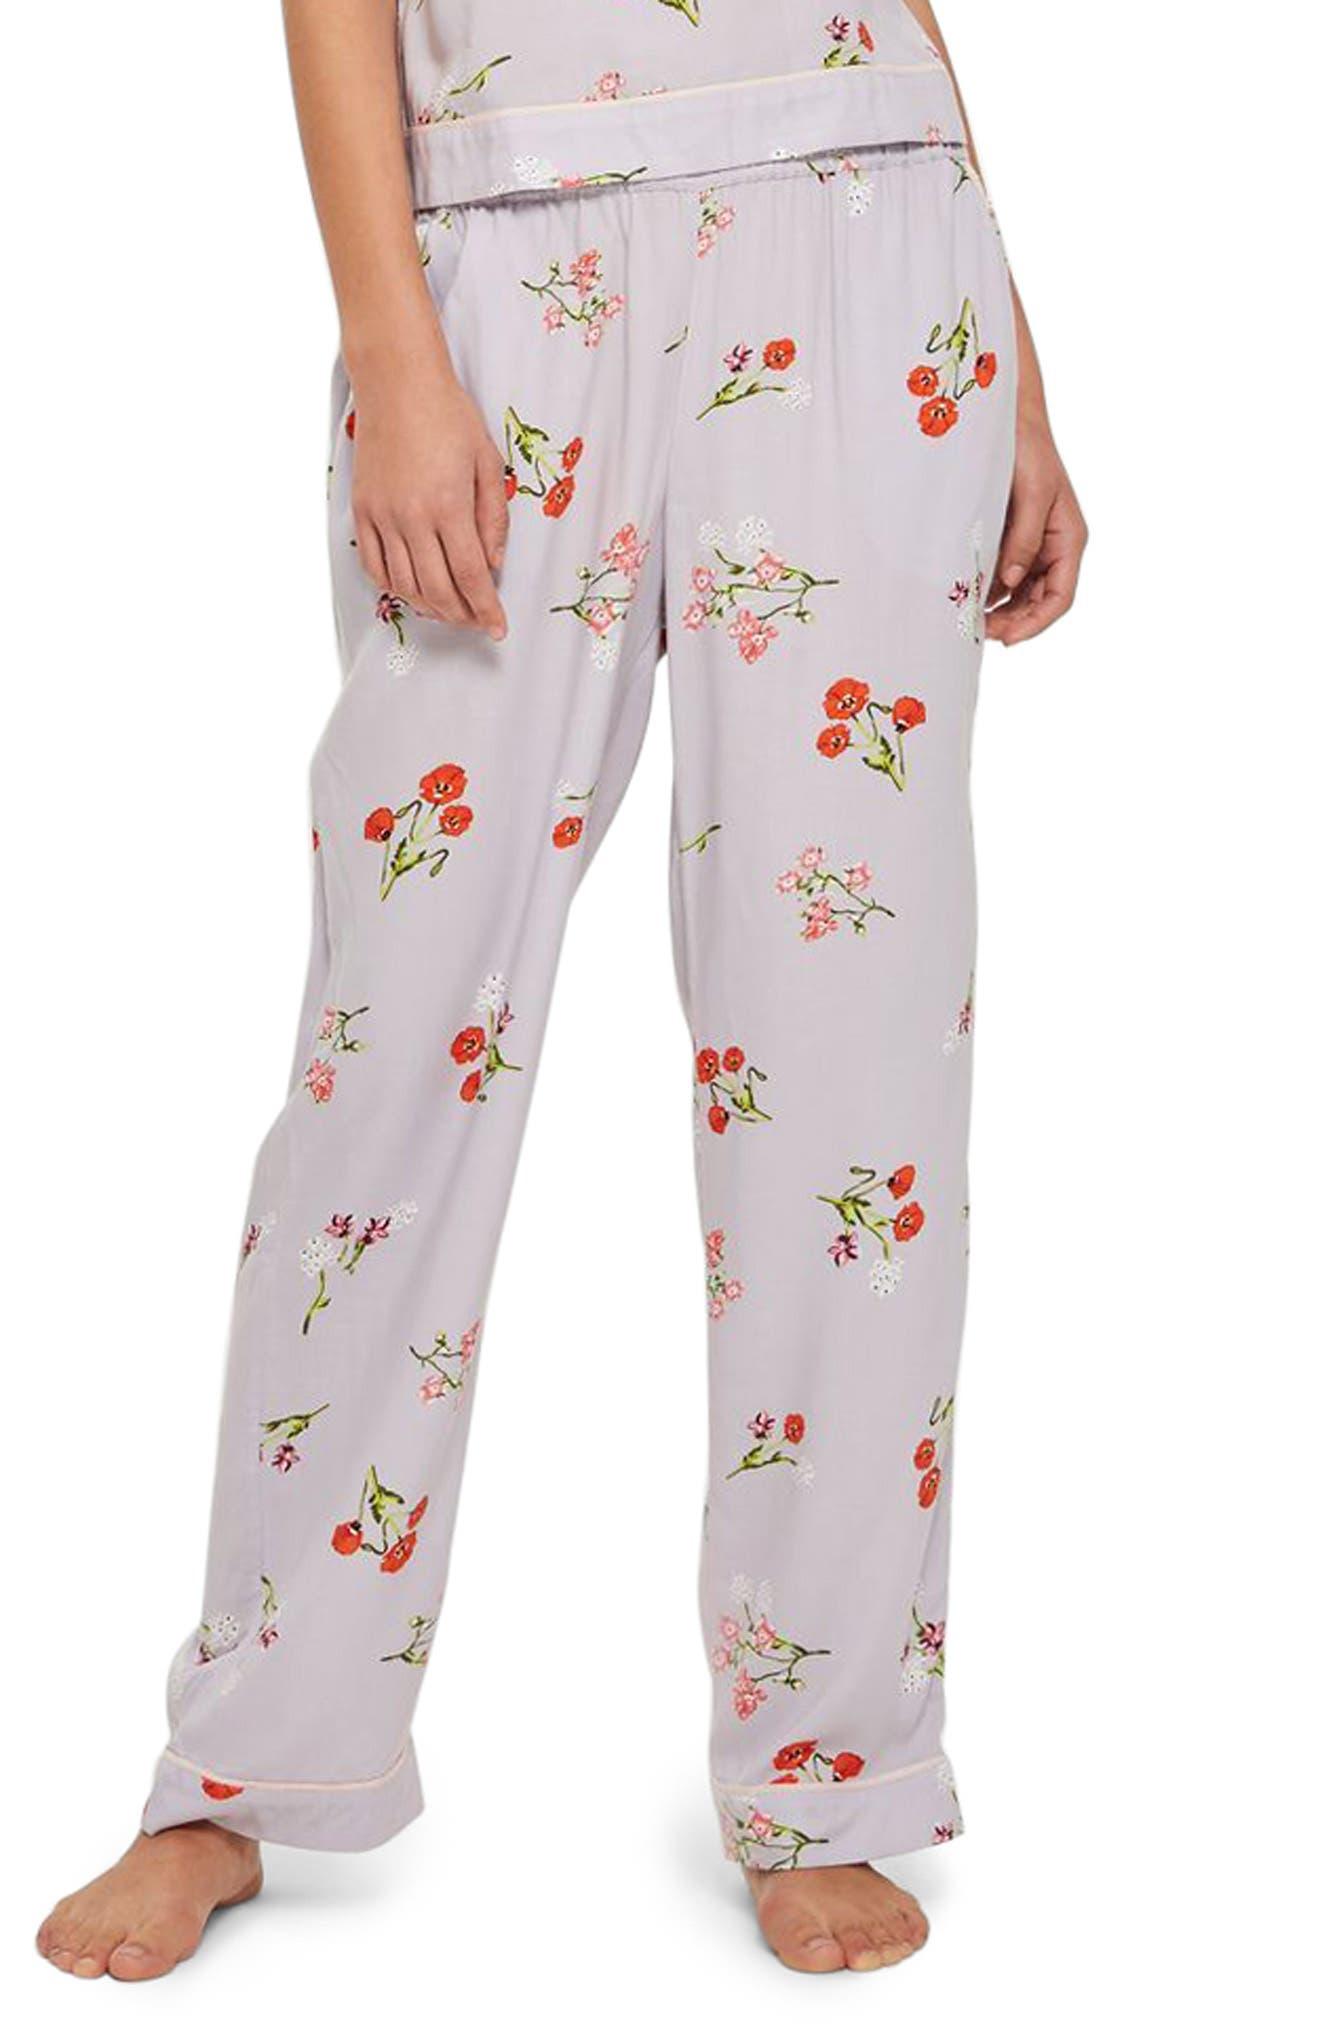 Poppy Print Pajama Pants,                             Main thumbnail 1, color,                             Light Blue Multi